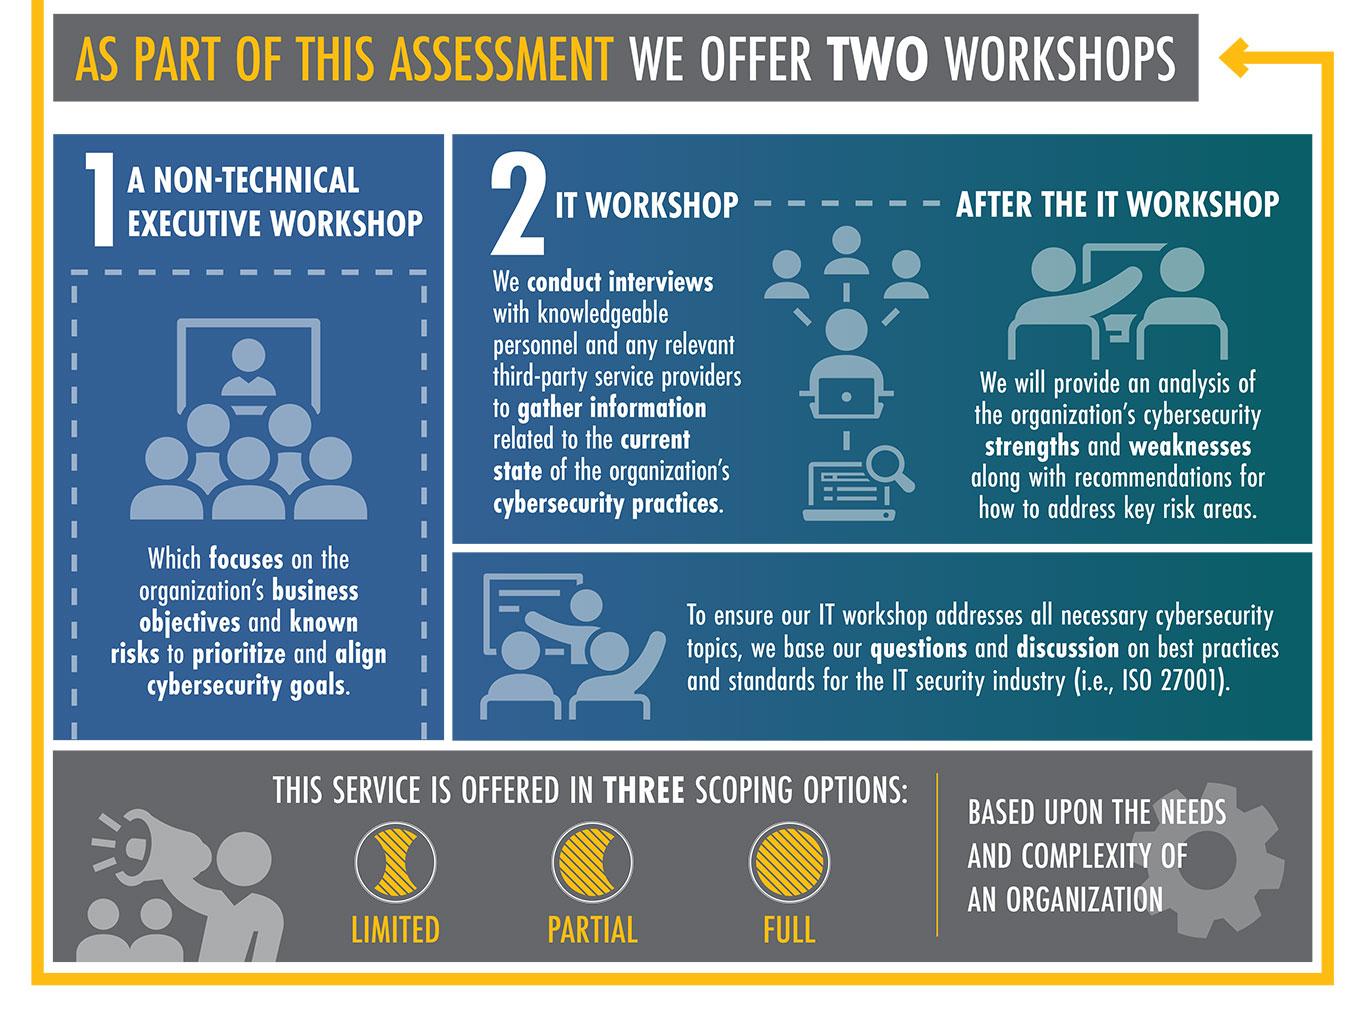 We offer two workshops